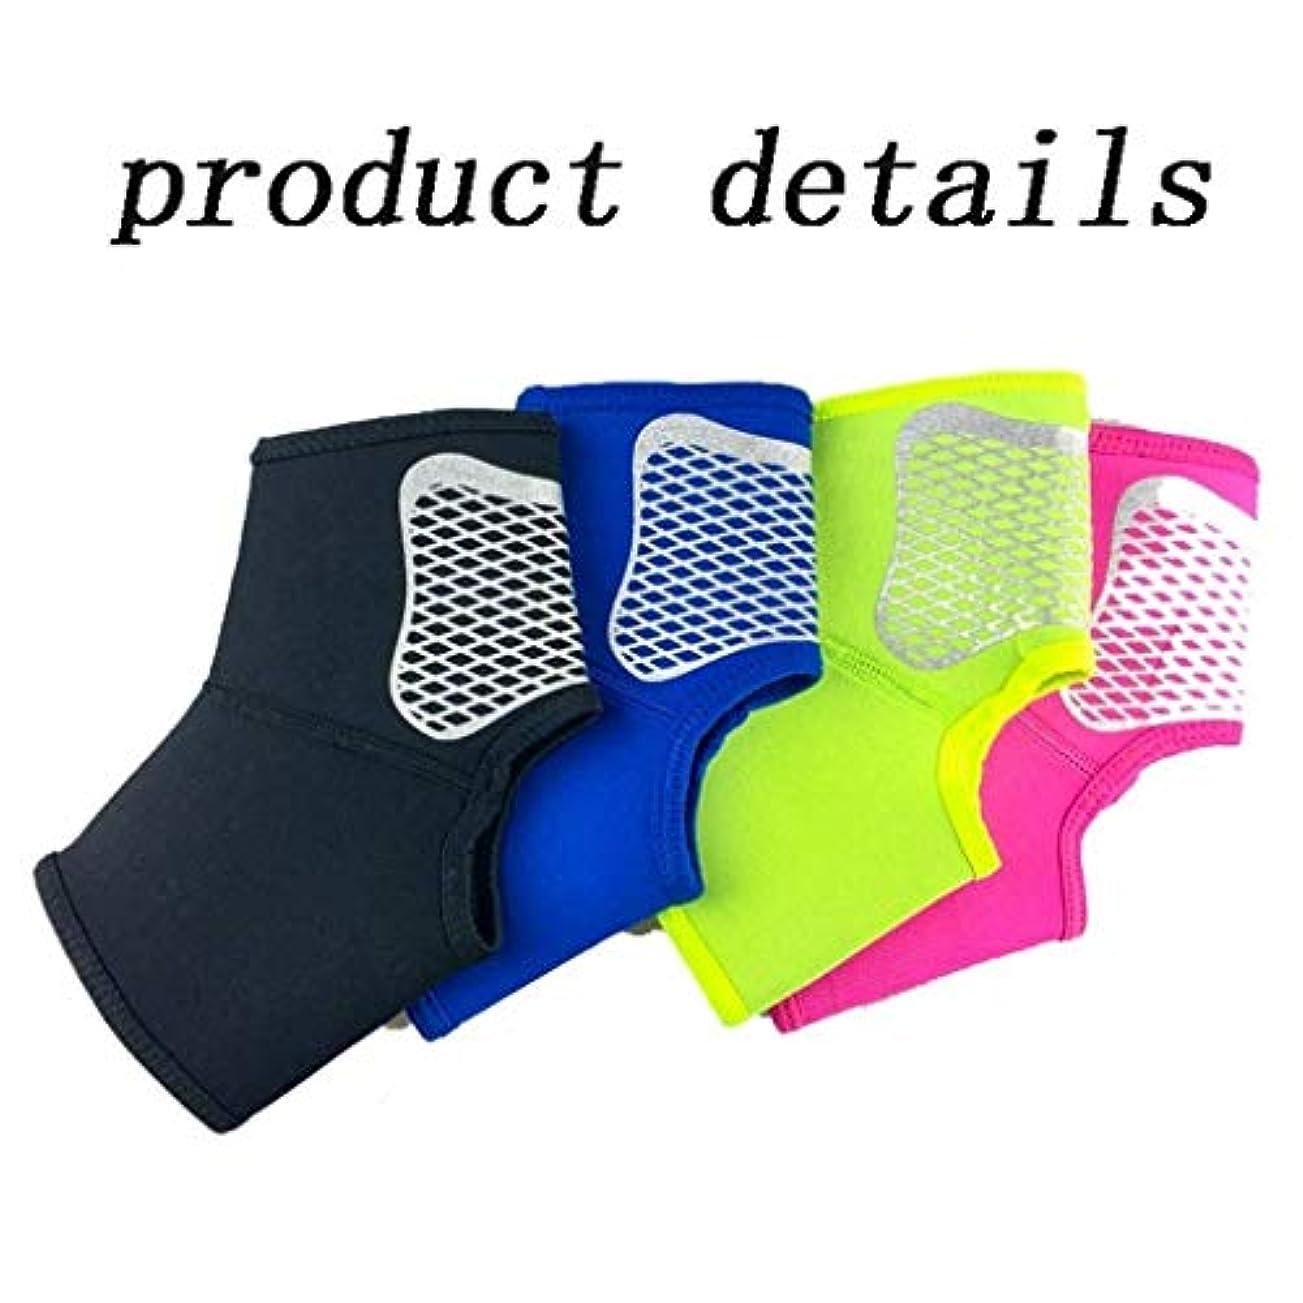 禁止するコスト信条Hually足首サポート、通気性と伸縮性のあるナイロン素材を使用した1ペアの足首ブレース、快適な足首ラップスポーツが慢性的な足首の捻F疲労を防ぎます (Color : Red, Size : M)